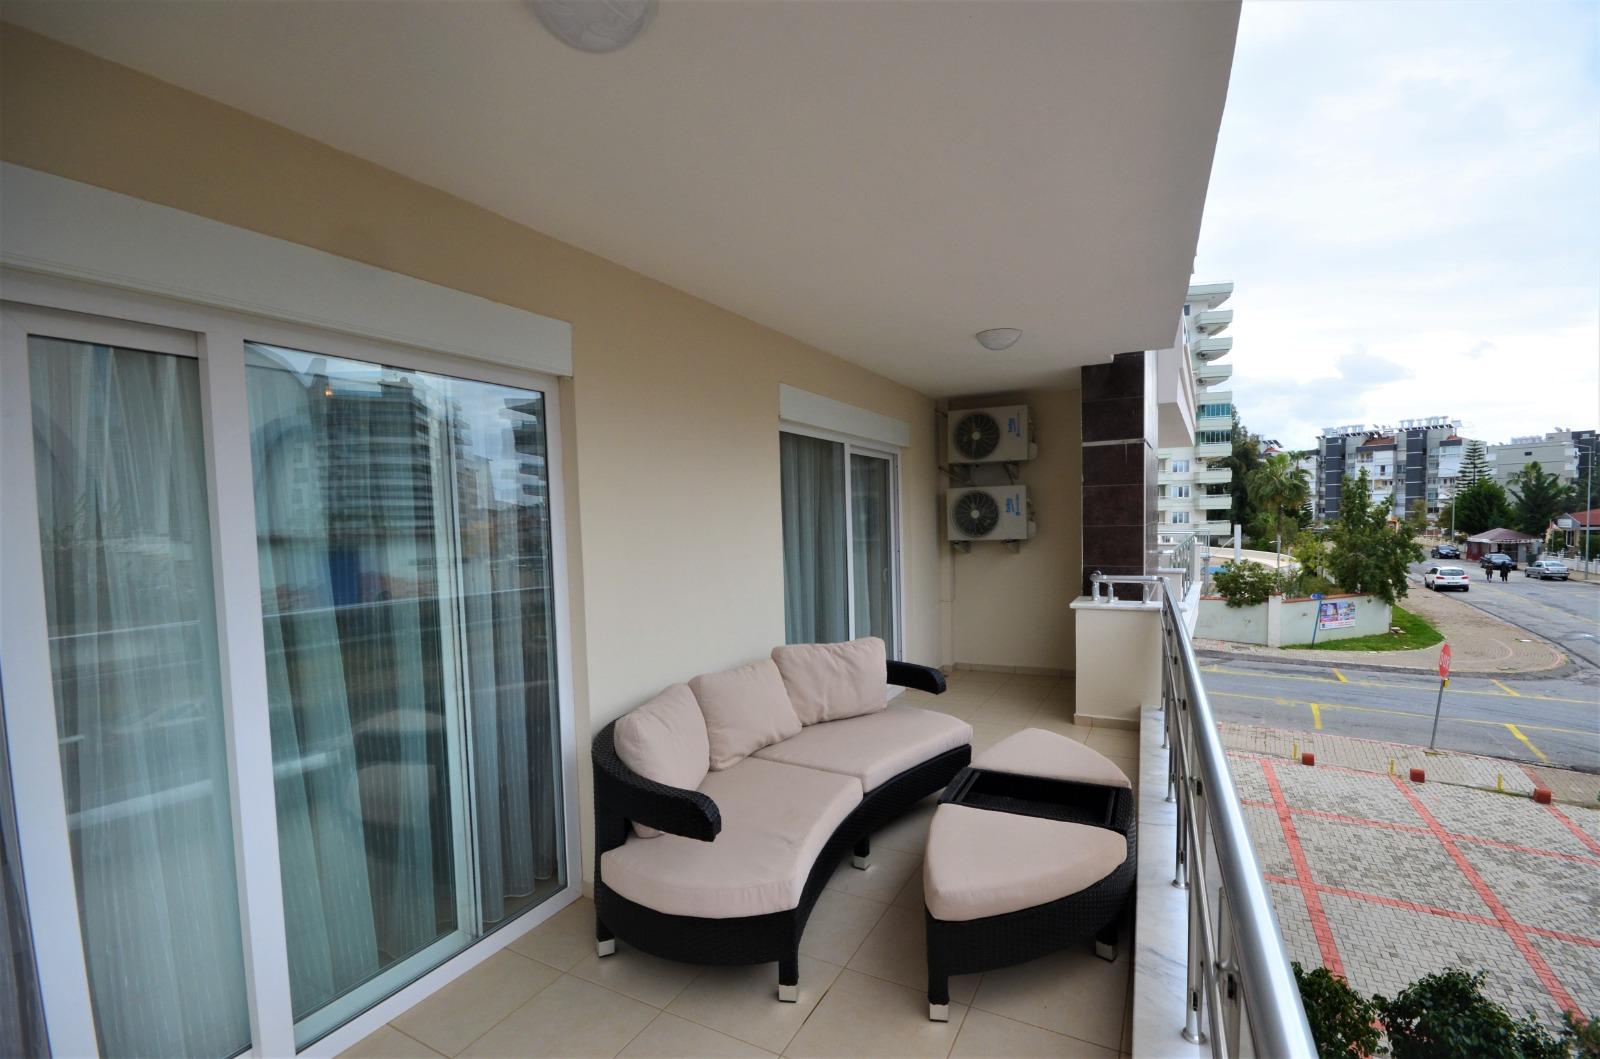 Двухкомнатная квартира с мебелью и бытовой техникой в районе Тосмур - Фото 15